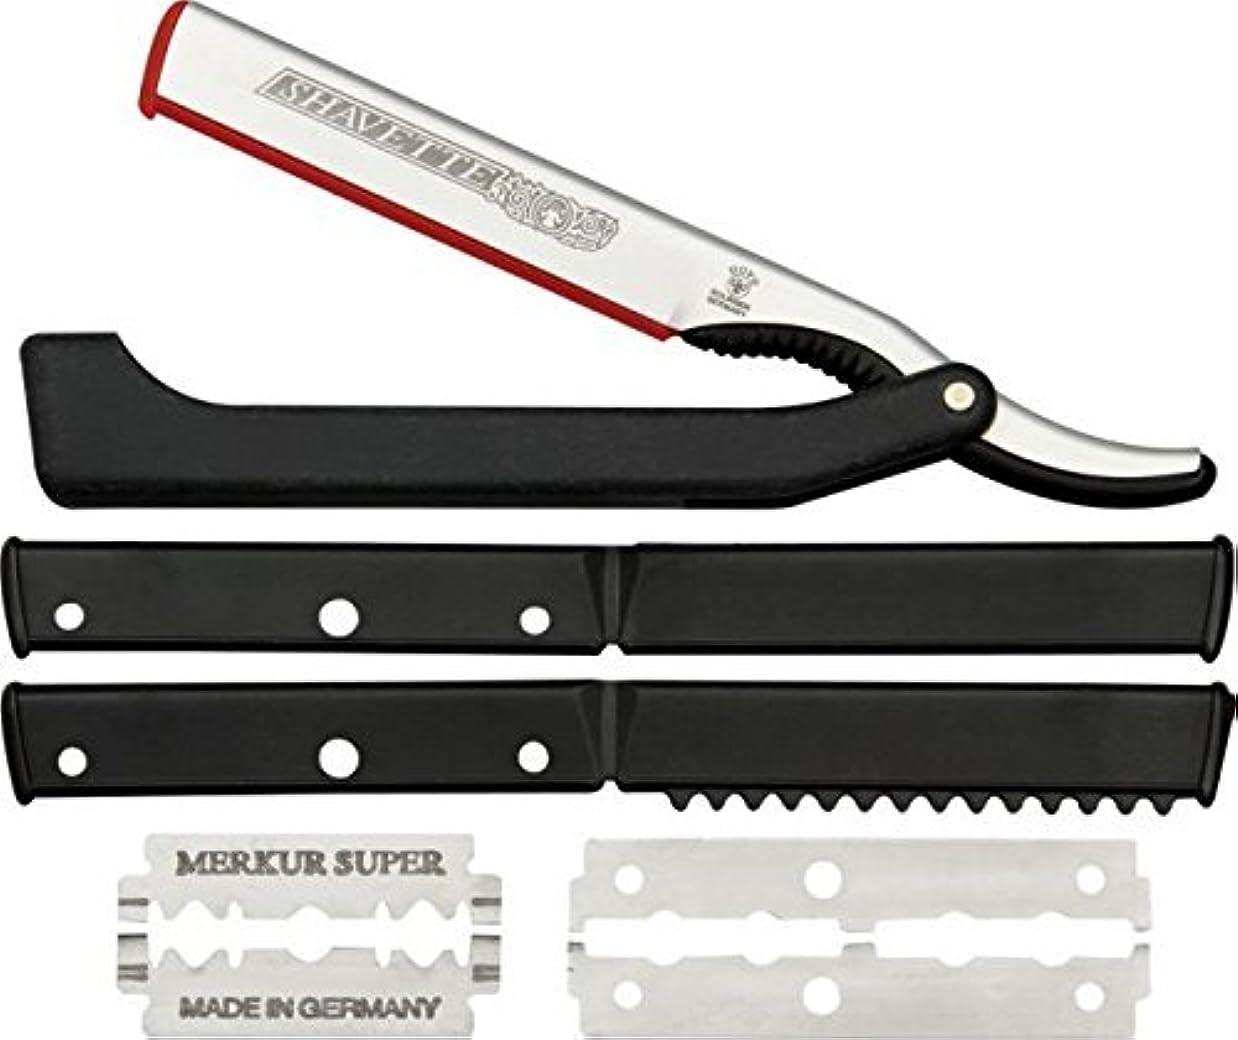 アイロニー浸す気難しいDOVO Solingen - Shavette, straight edge razor, changeable blade, 201081